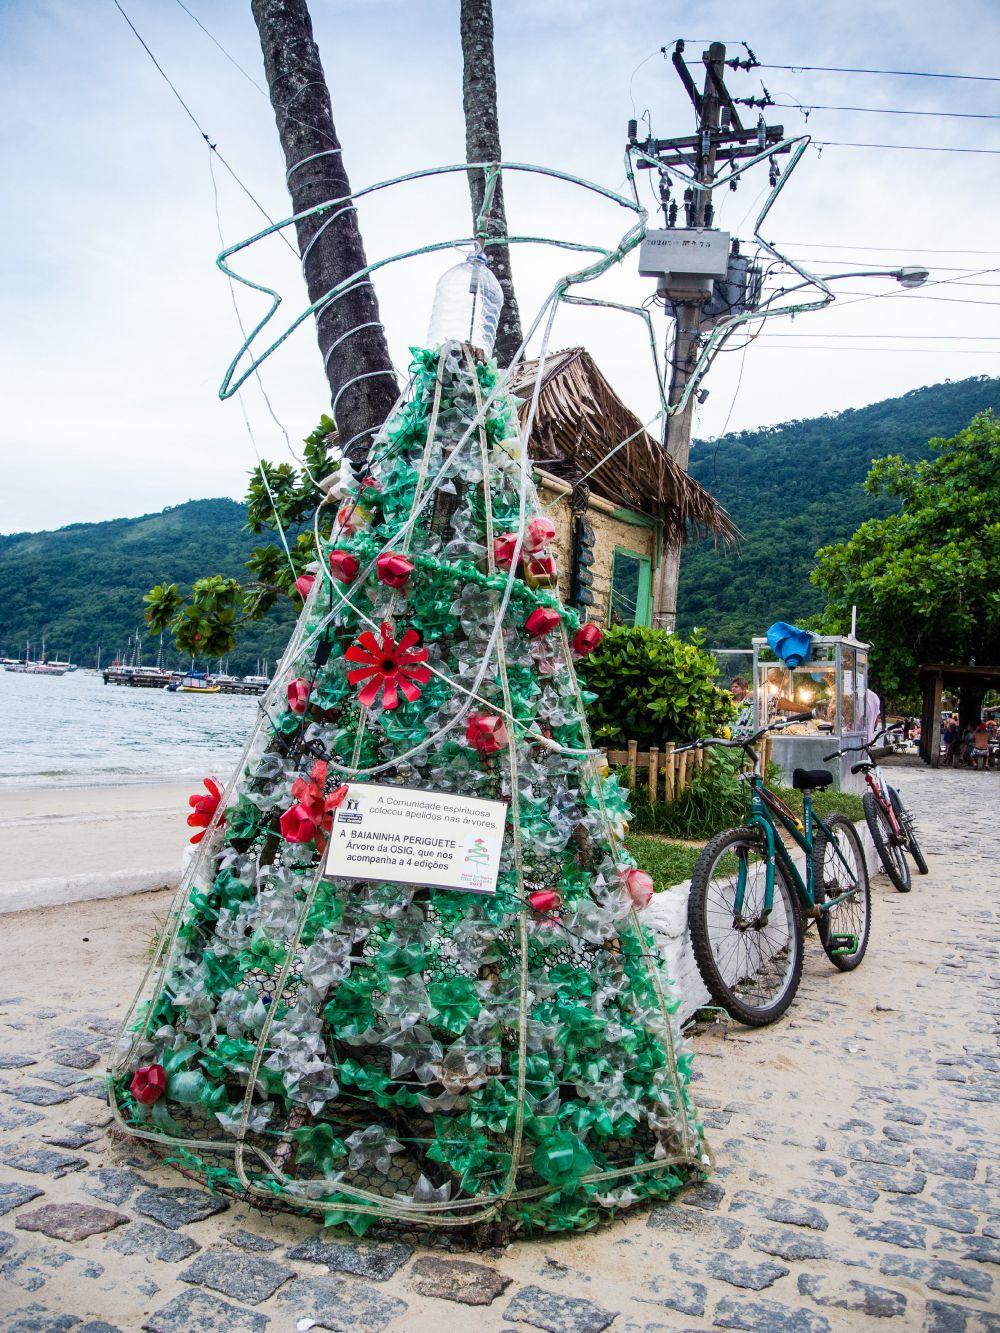 В январе 2014 года посетители пляжа в Илья-Гранди смогли полюбоваться разноцветной пластиковой елкой